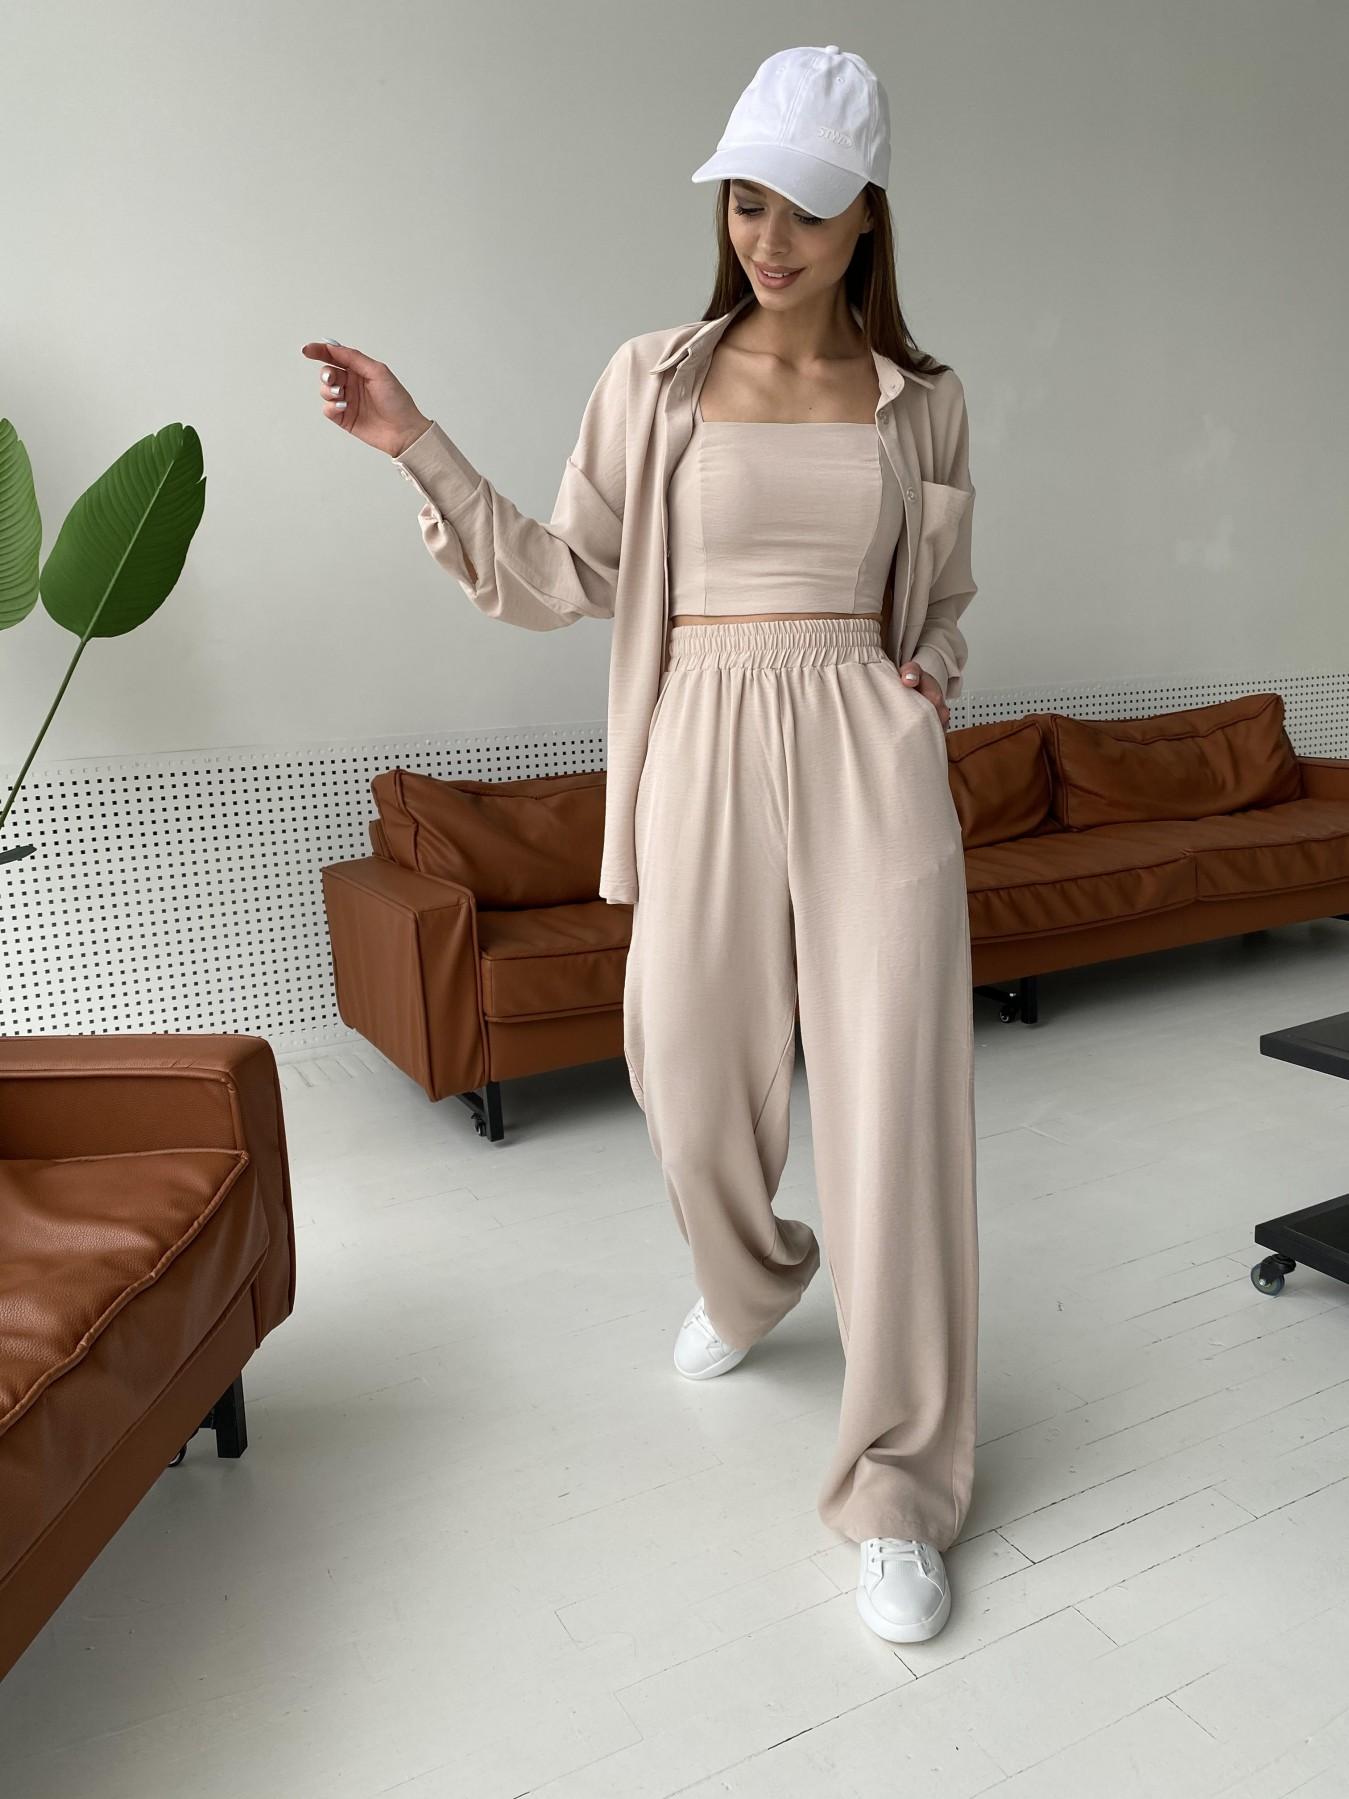 Рико костюм американский из креп ткани 11293 АРТ. 47827 Цвет: Бежевый Светлый - фото 13, интернет магазин tm-modus.ru